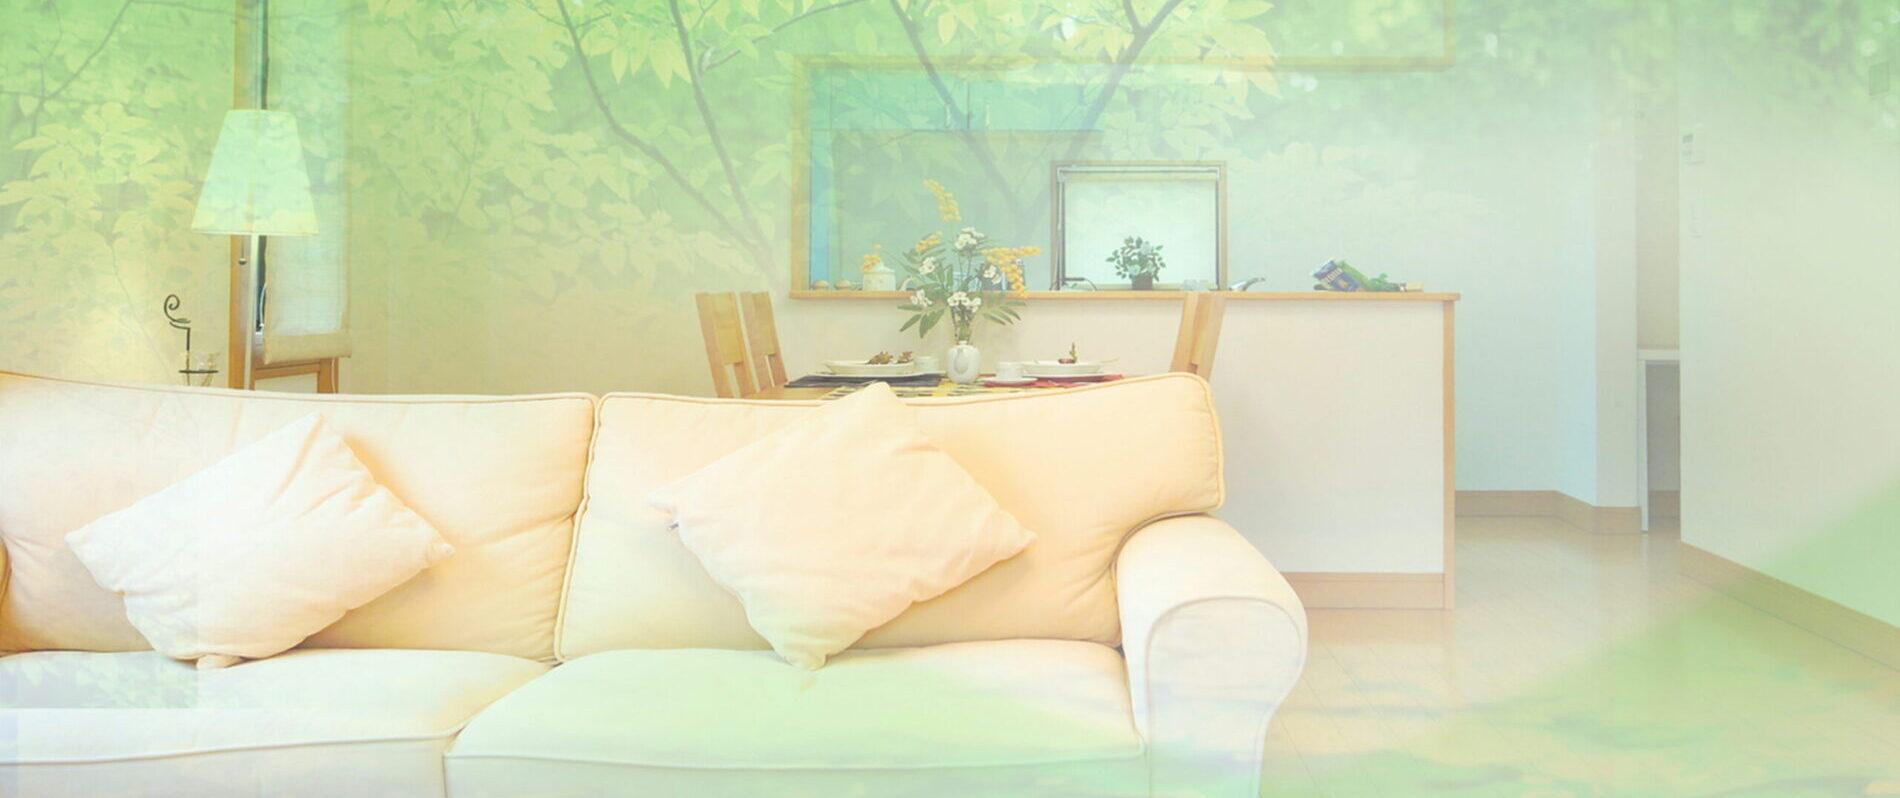 家と人と自然の調和